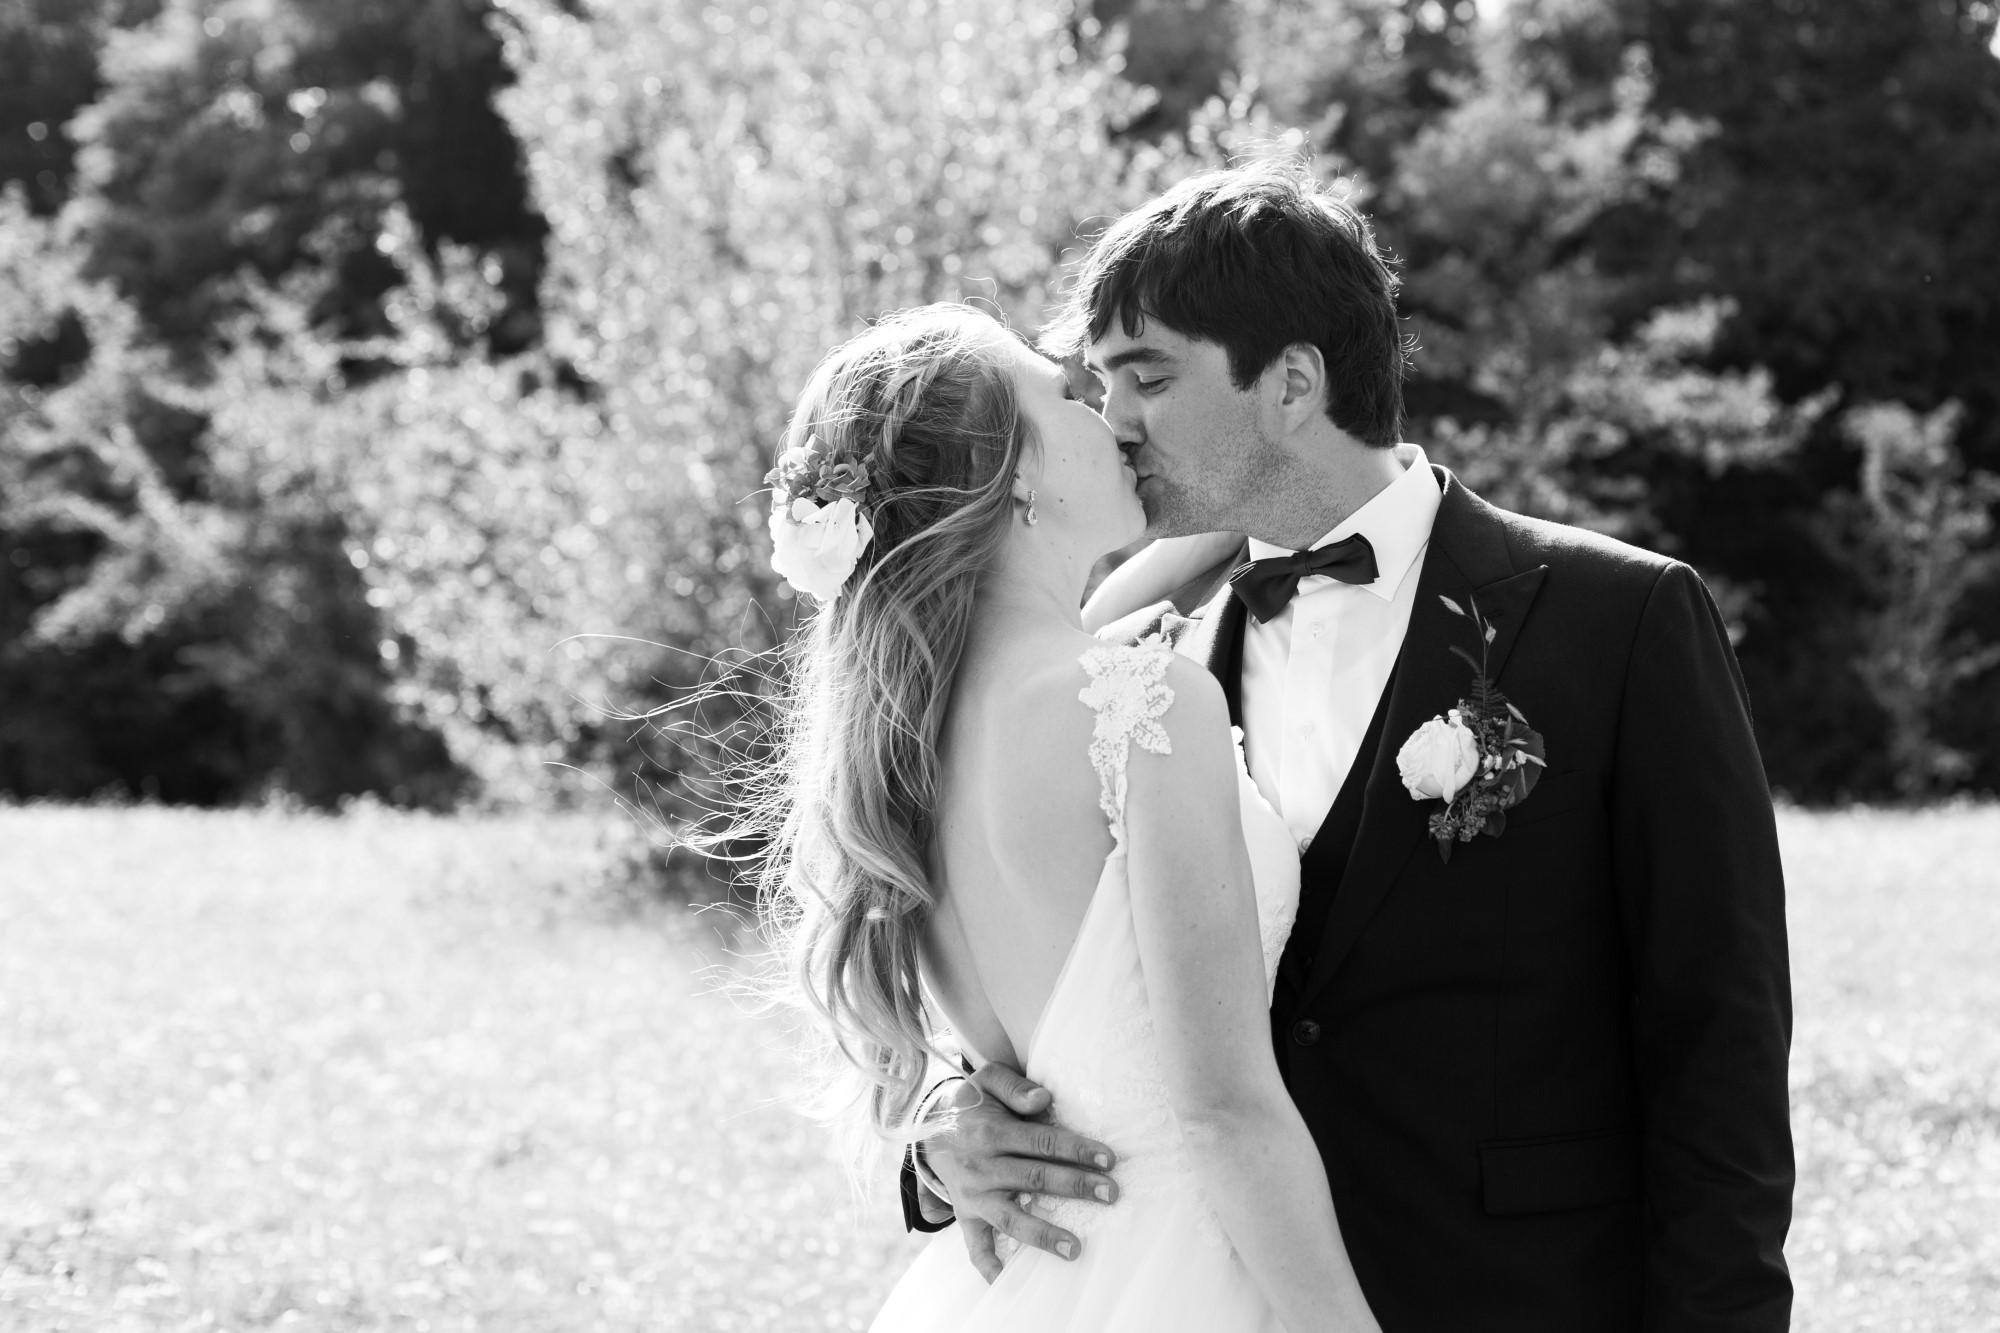 Das Brautpaar küsst sich beim Fotoshooting